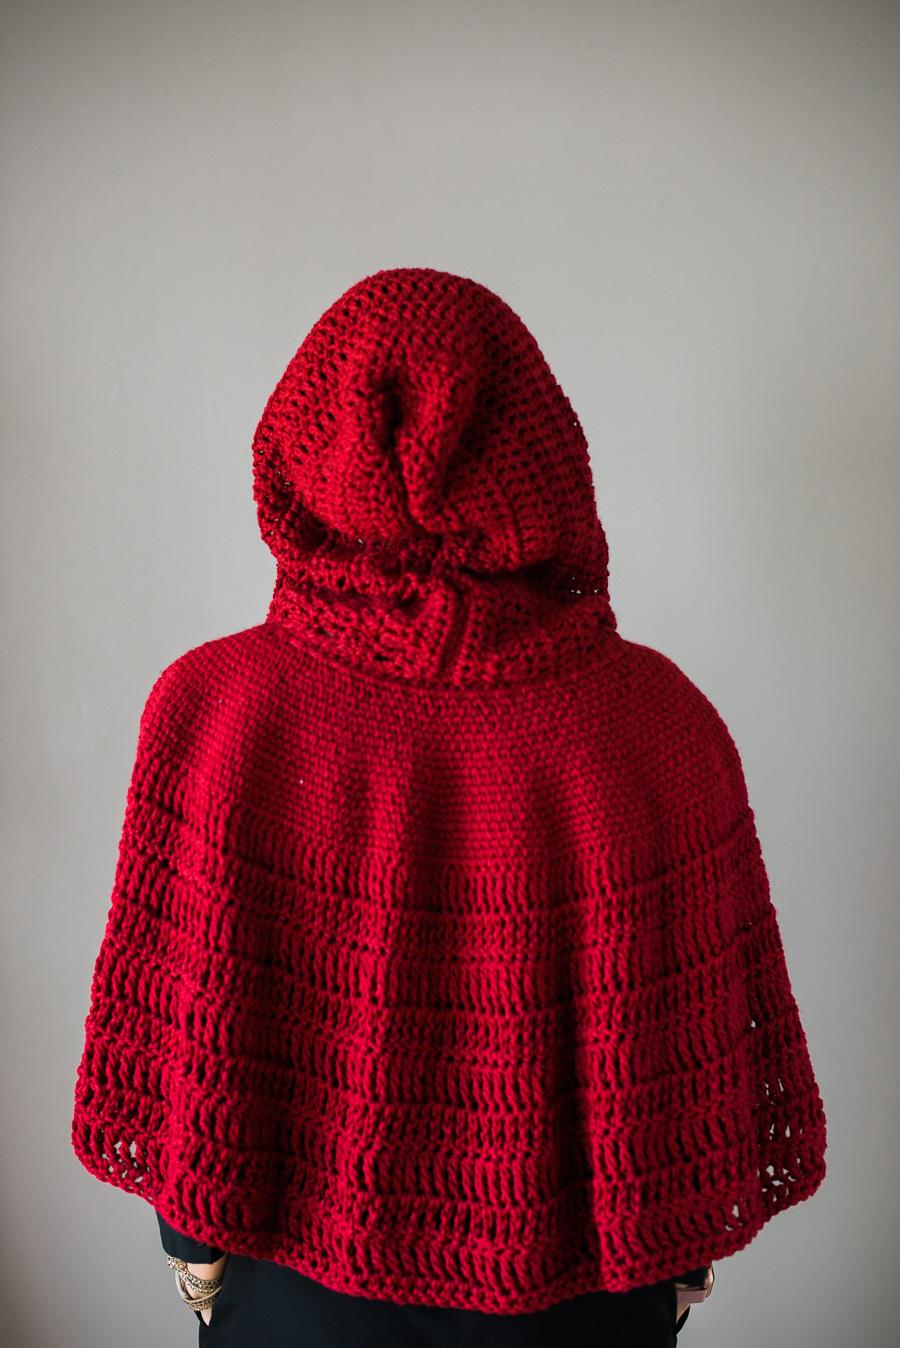 Katiusca-Guzman_CrochetedRedCape-1.jpg